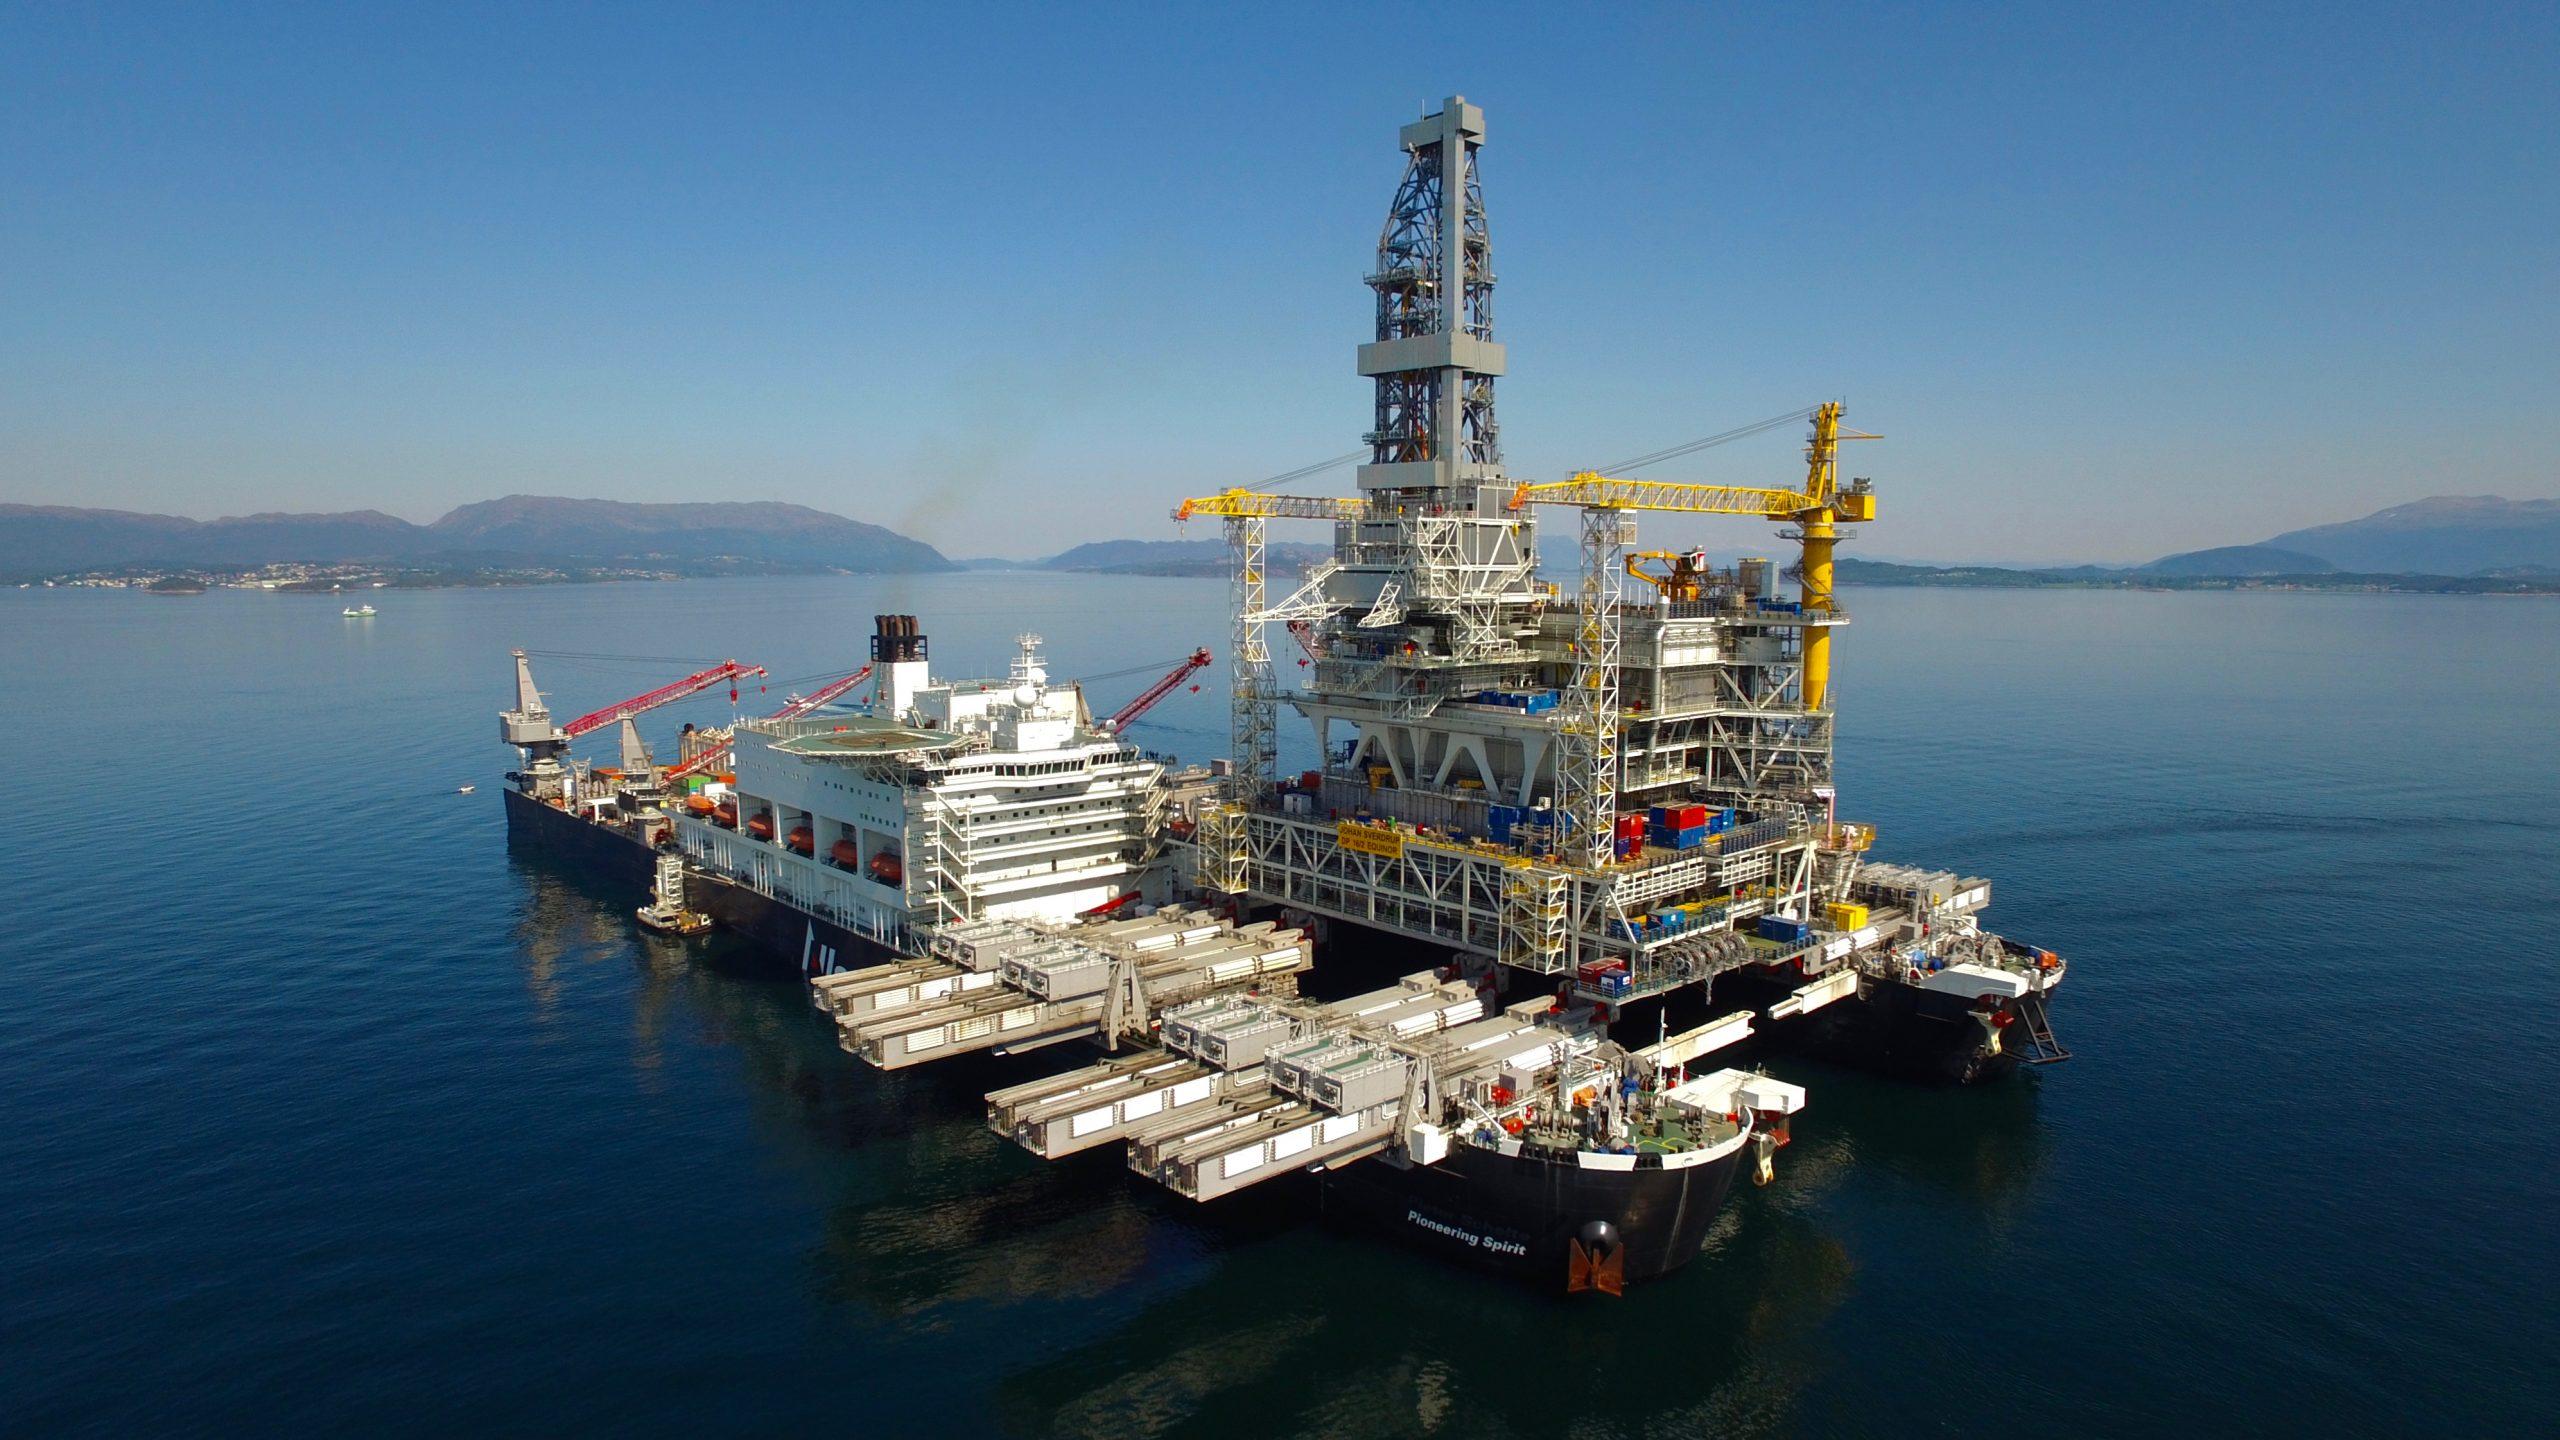 De Pioneering Spirit behoort tot de absolute top in de offshore-industrie. (Foto Allseas)